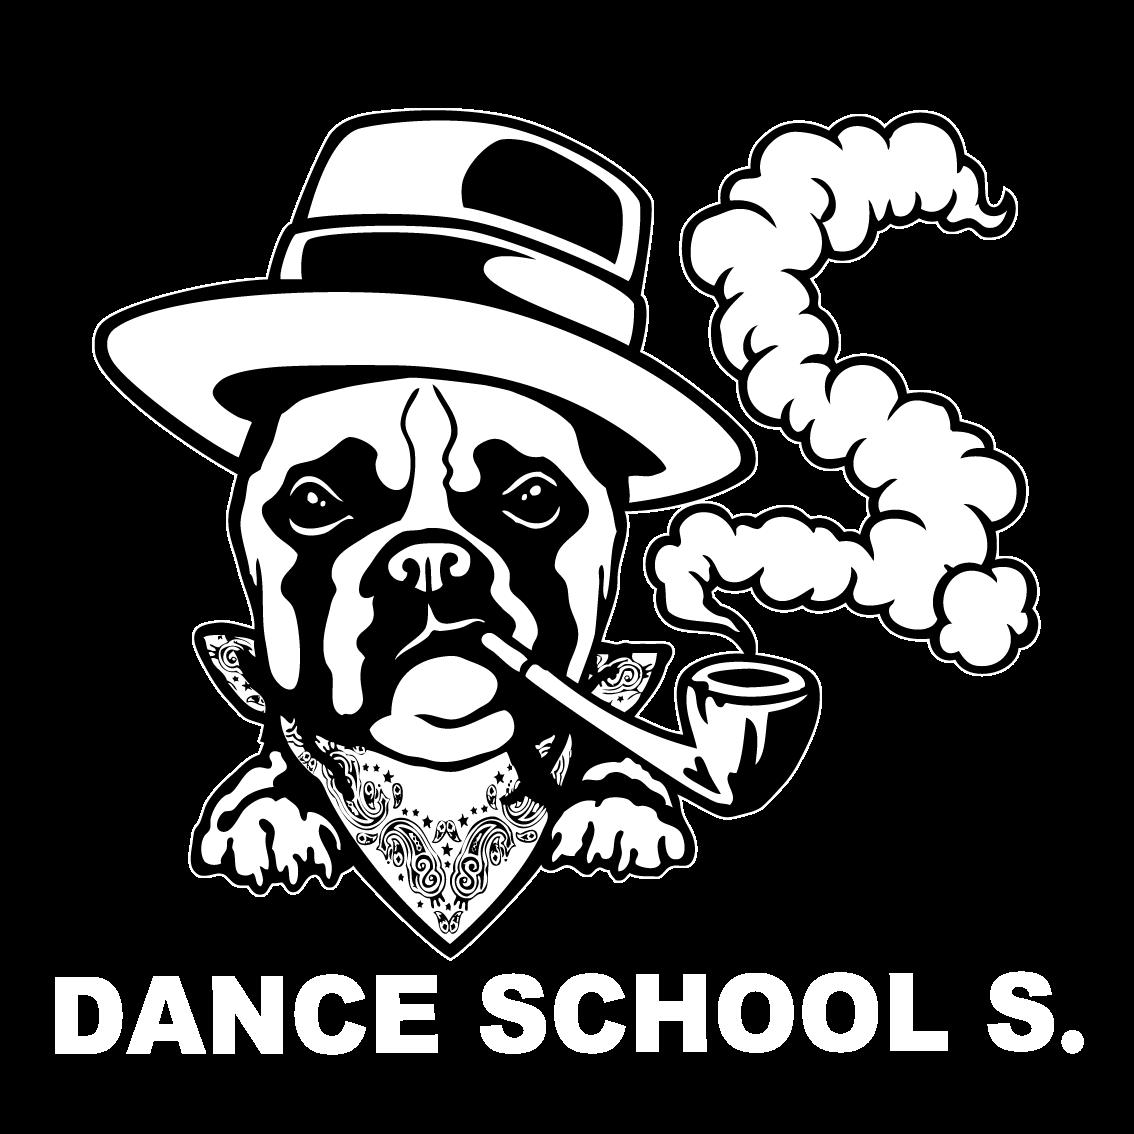 Dance School S.